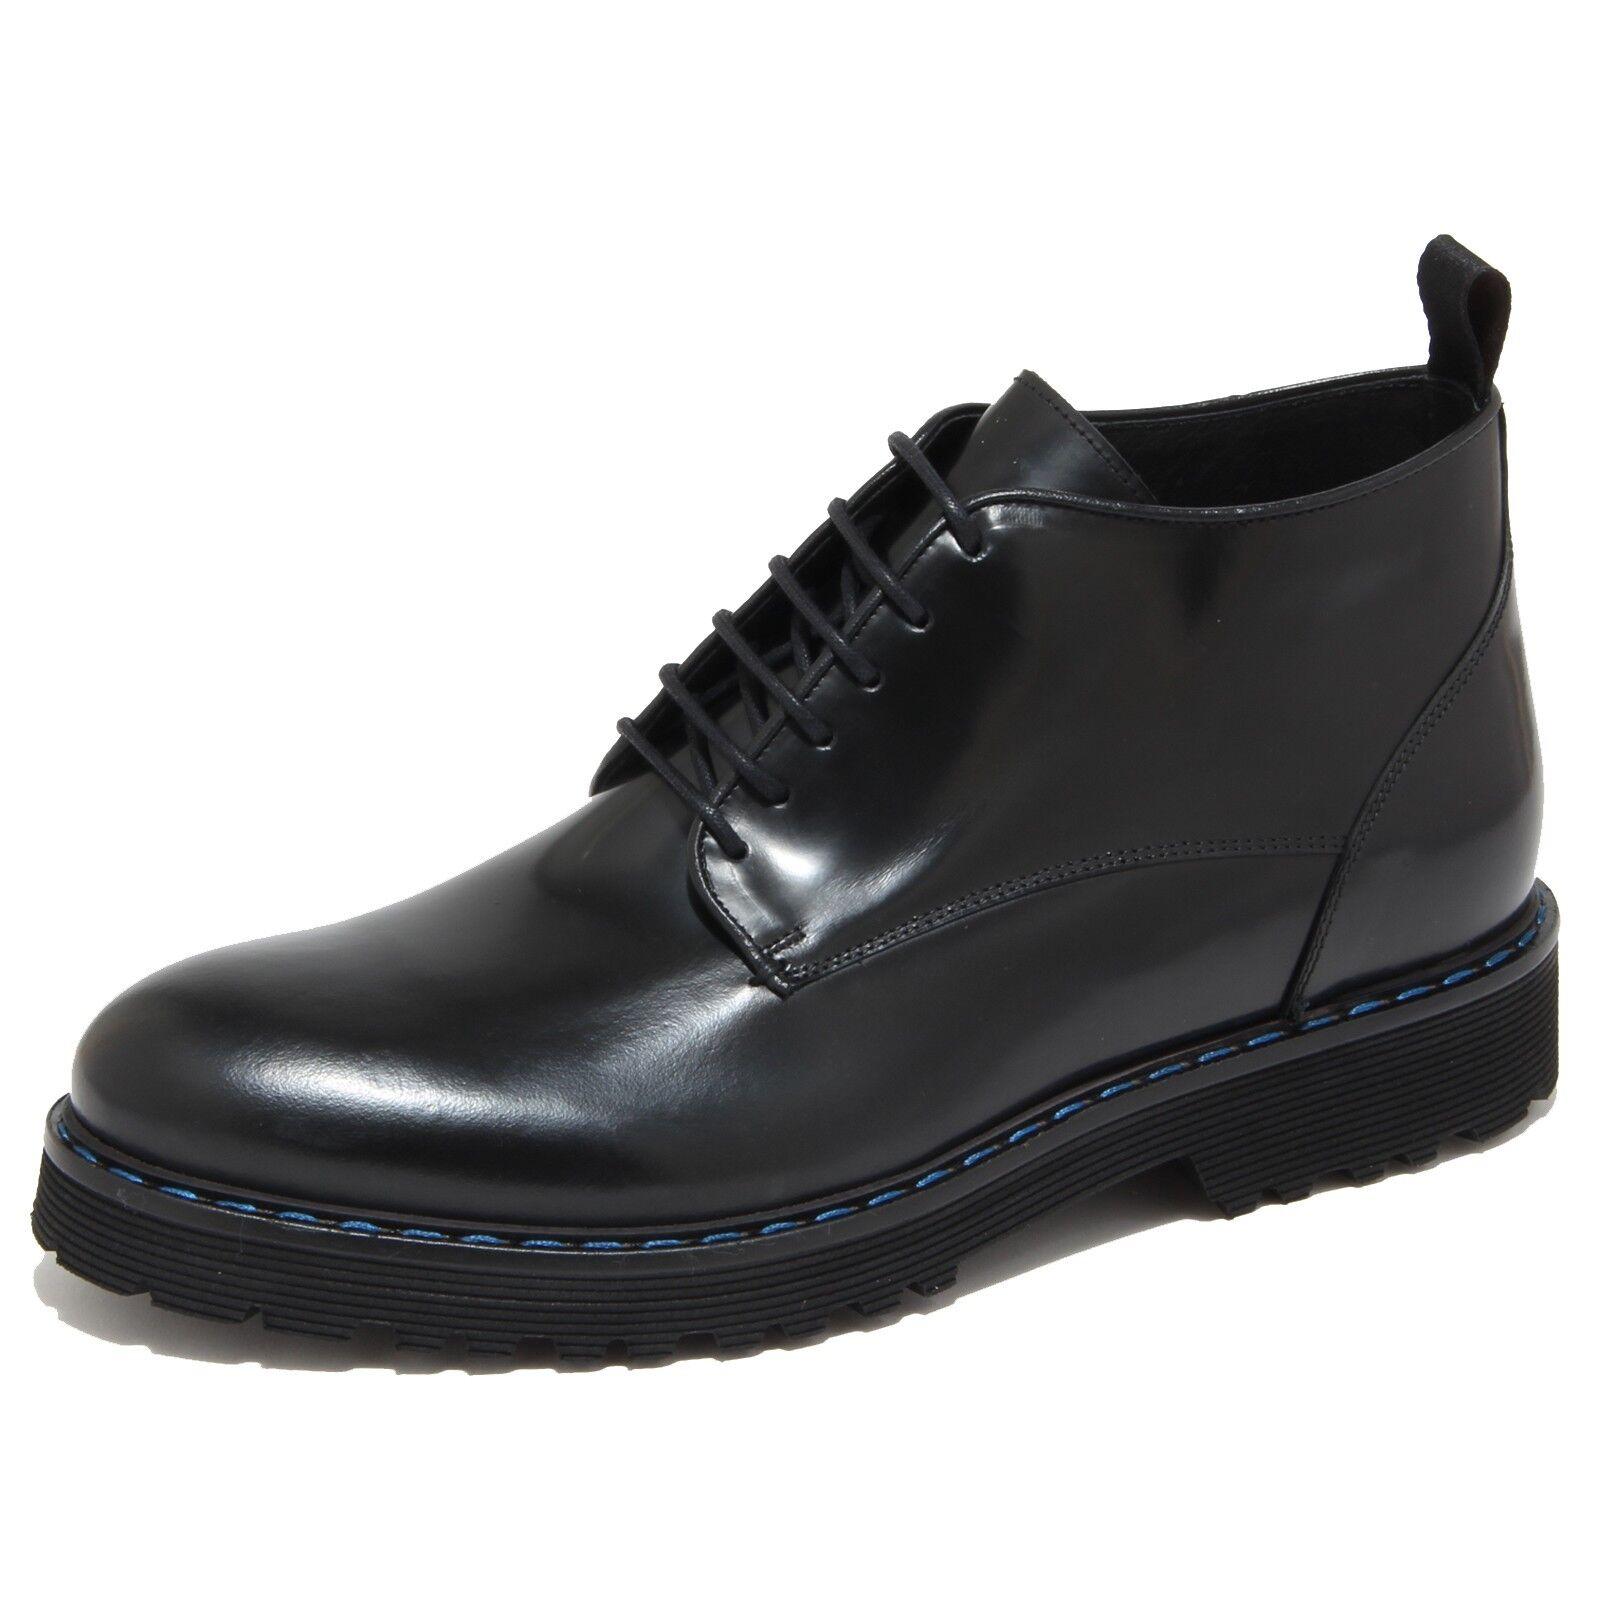 4206N scarpa uomo CARACCIOLO dover man shoes man dover 7ddf49